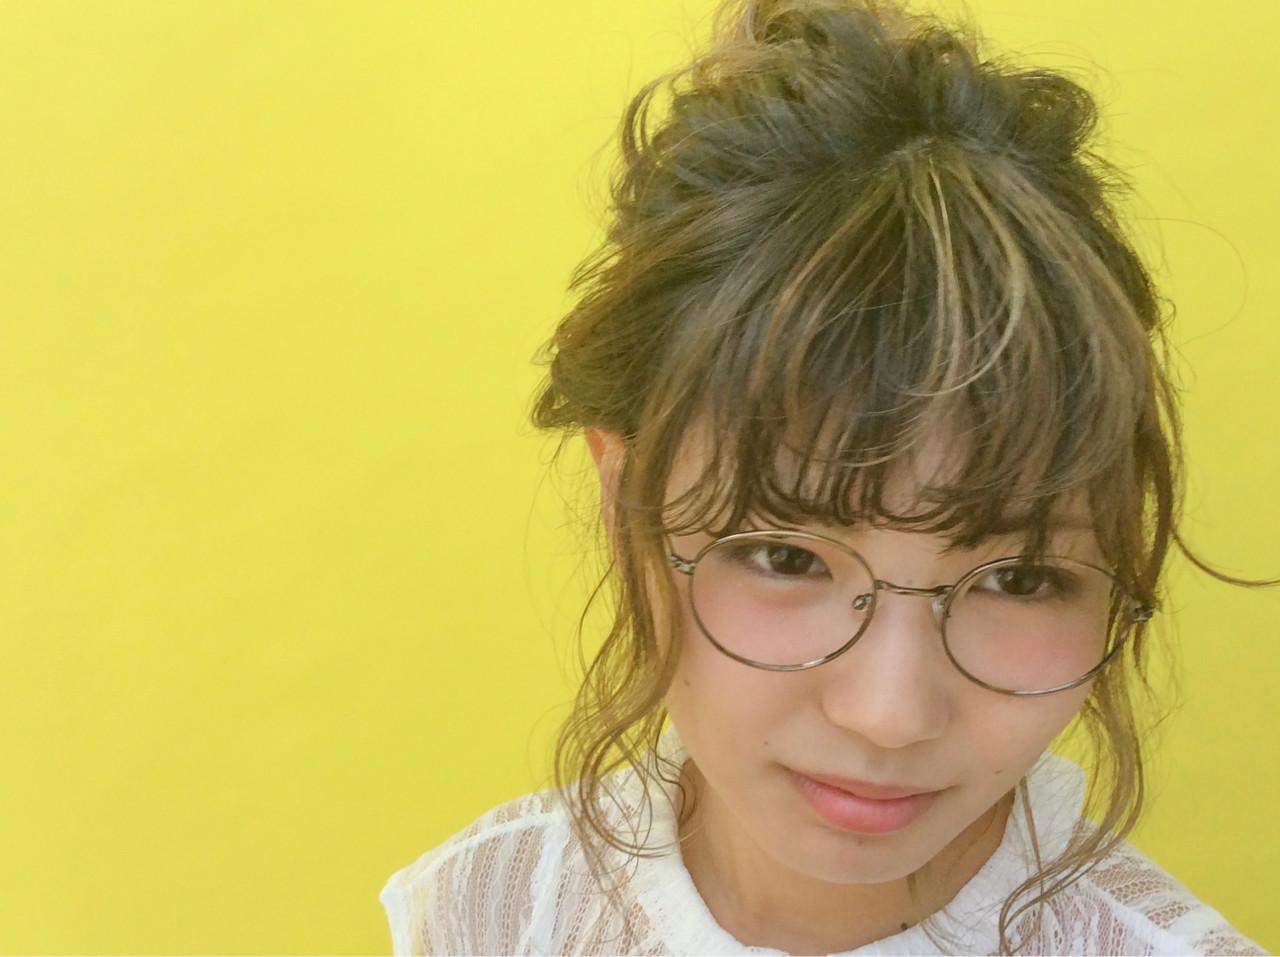 フェミニン 外国人風カラー 涼しげ 色気 ヘアスタイルや髪型の写真・画像 | 山田大貴 / throb / throb by reve